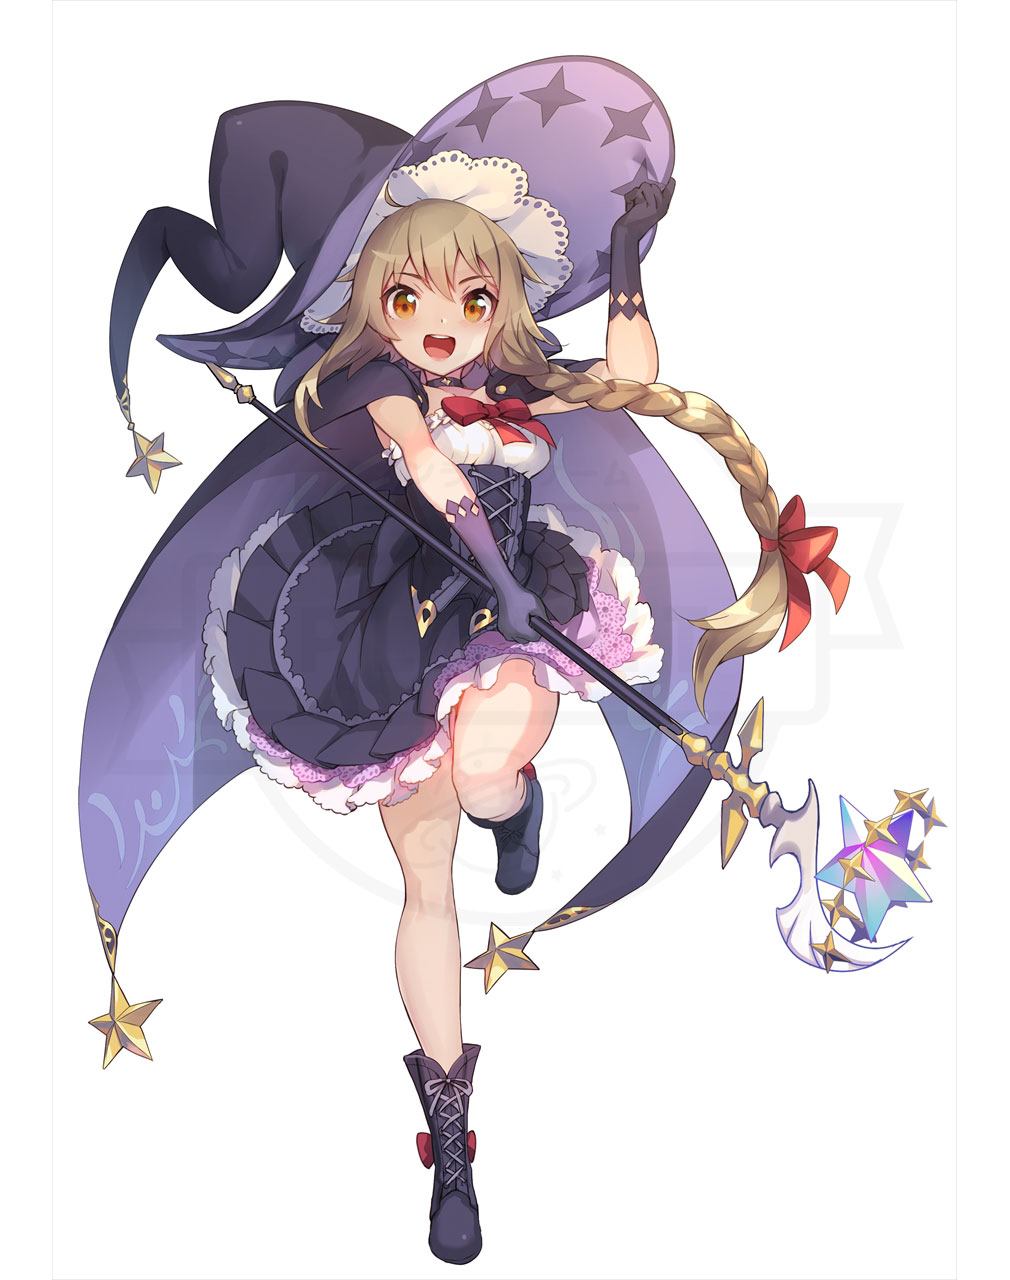 Ash Tale (アッシュテイル) 風の大陸 キャラクター『ミルトニア』イメージ紹介